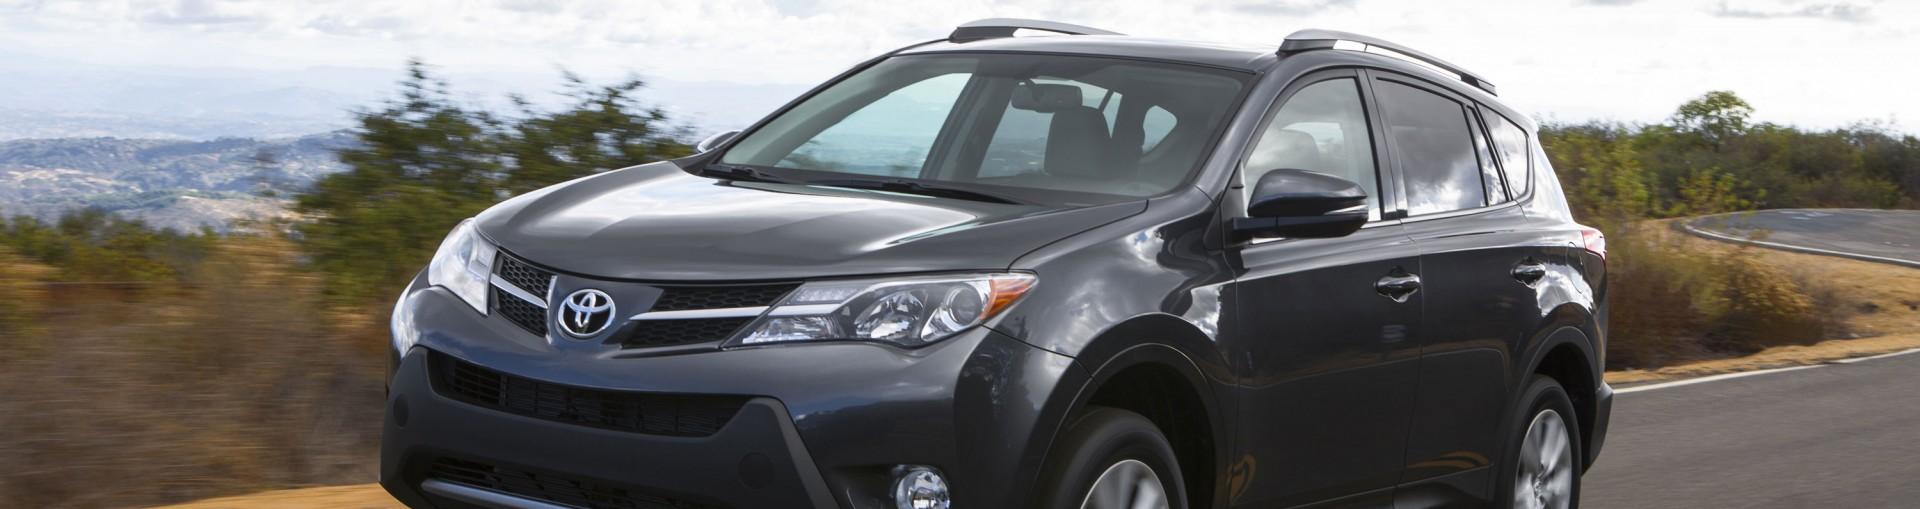 השכרת רכב בזול בארץ בסוכנות אוטוטו